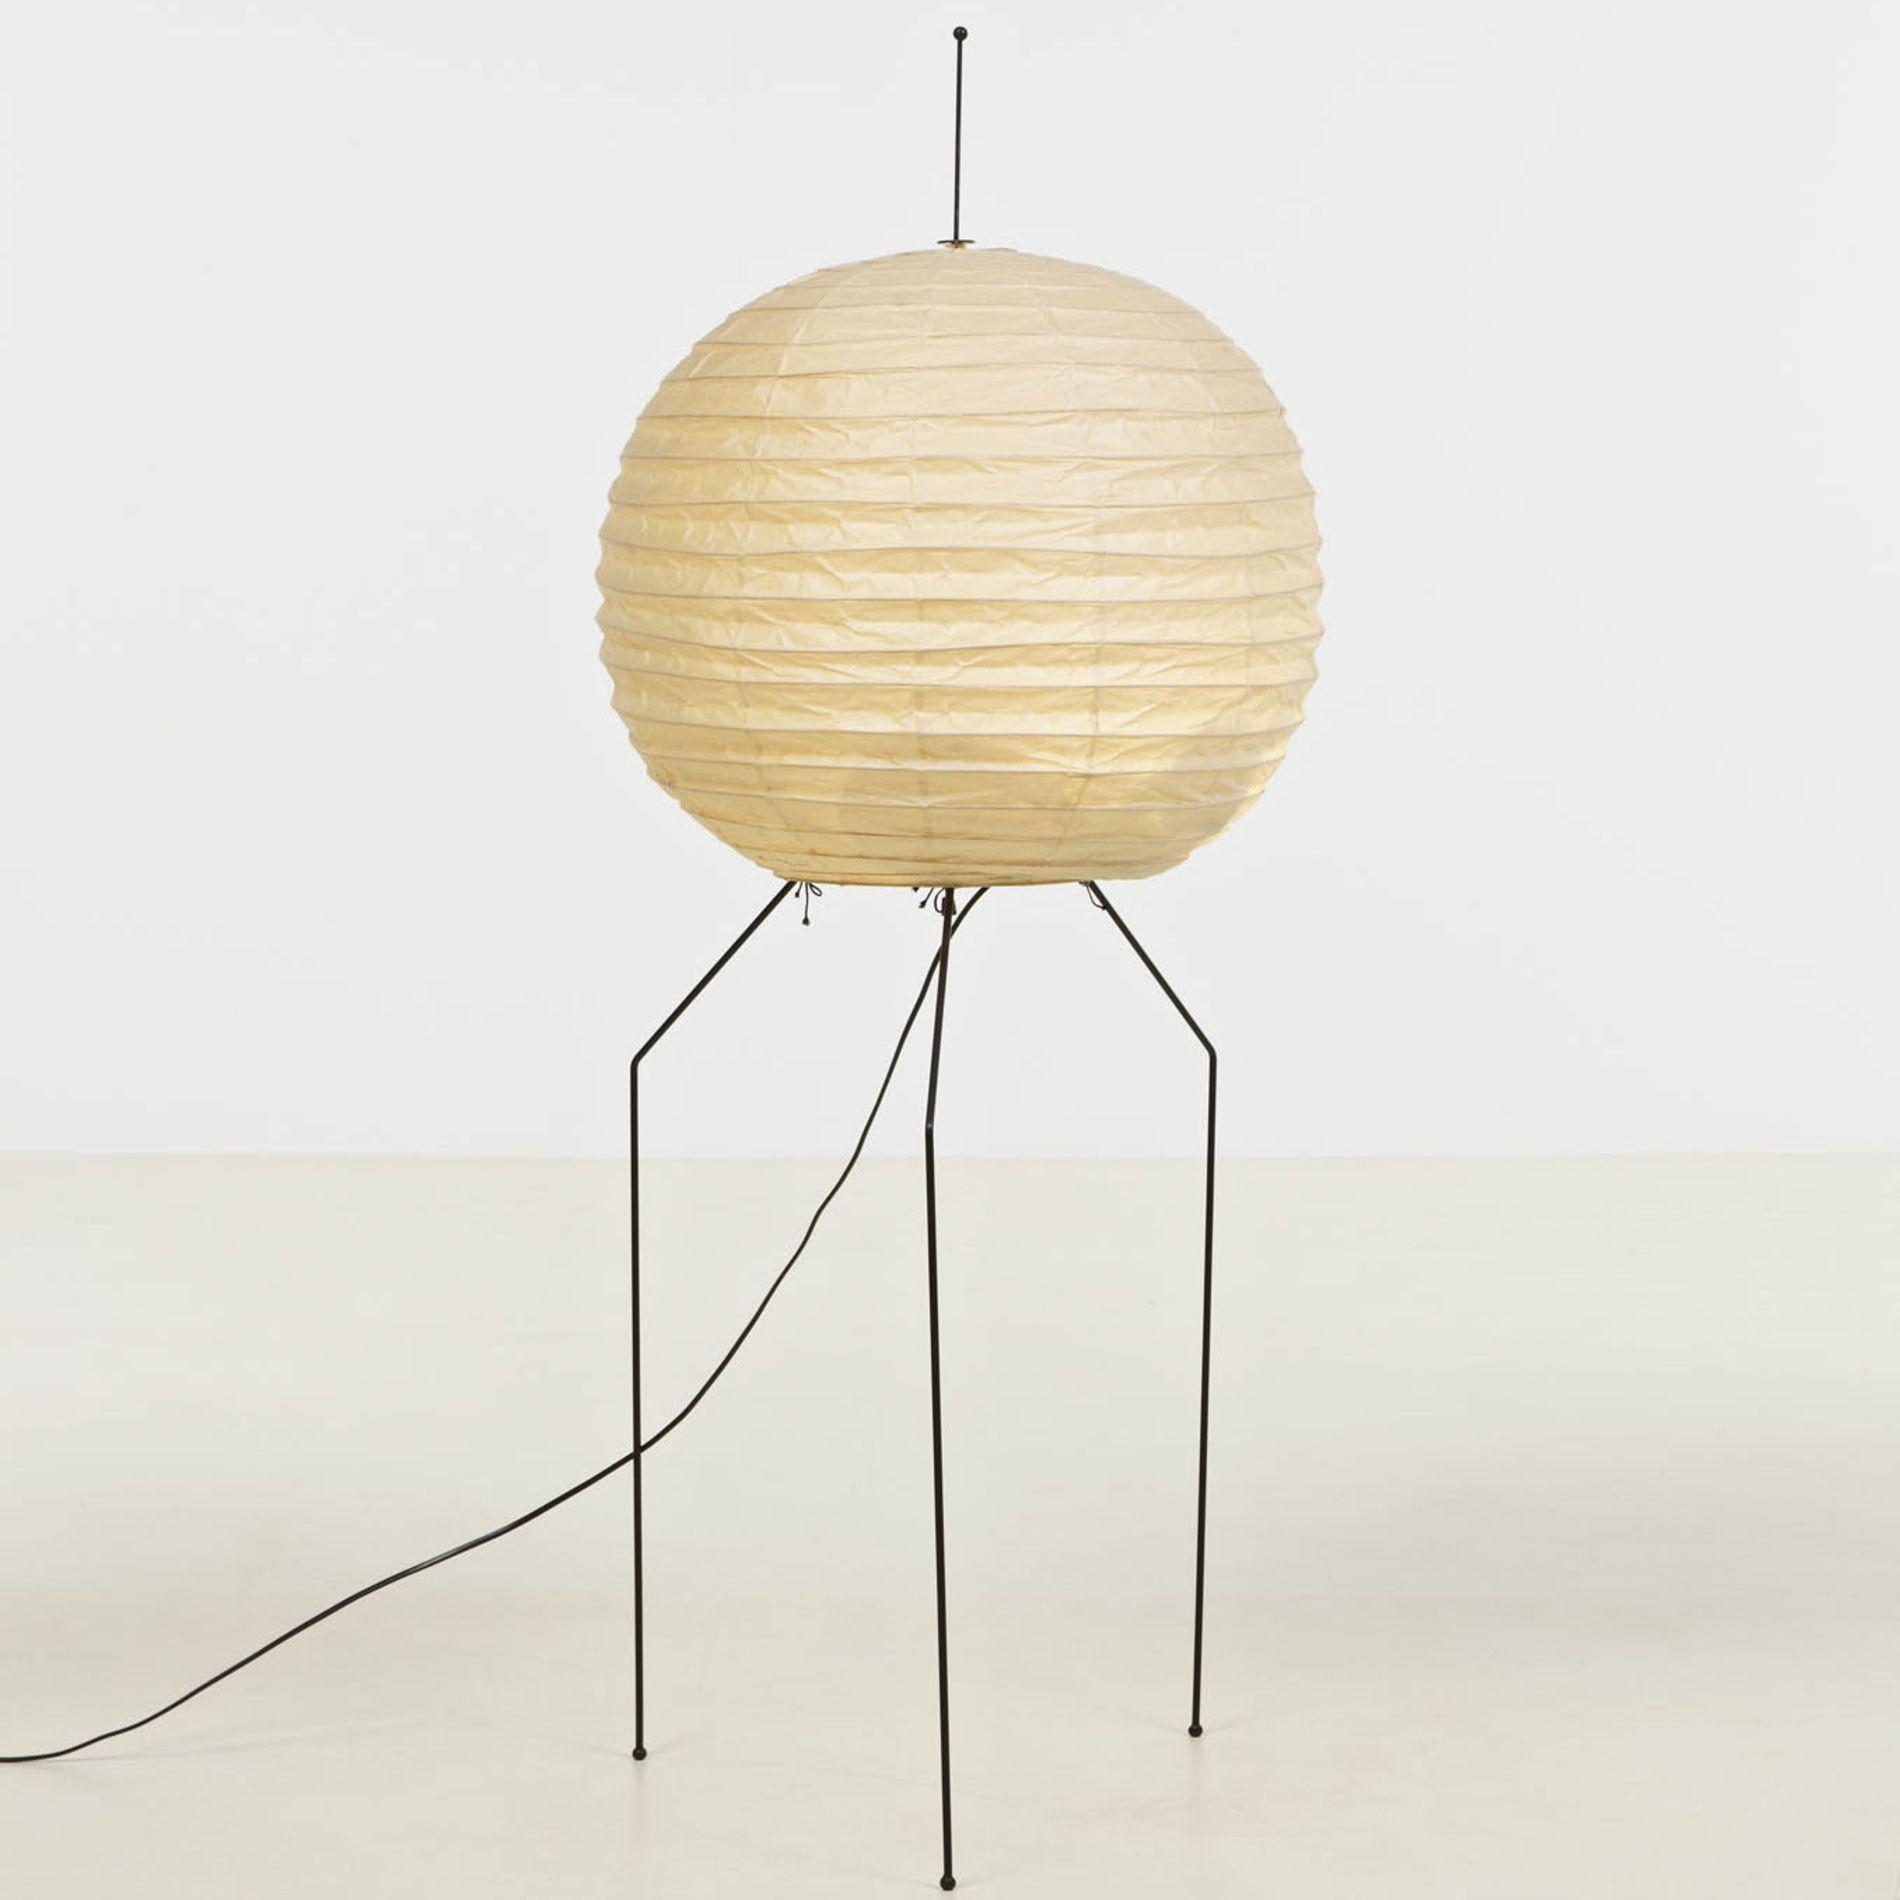 7fc57fdf31e65777c0d0ea5929e680e6 Résultat Supérieur 60 Luxe Lampe Decorative Stock 2018 Ldkt